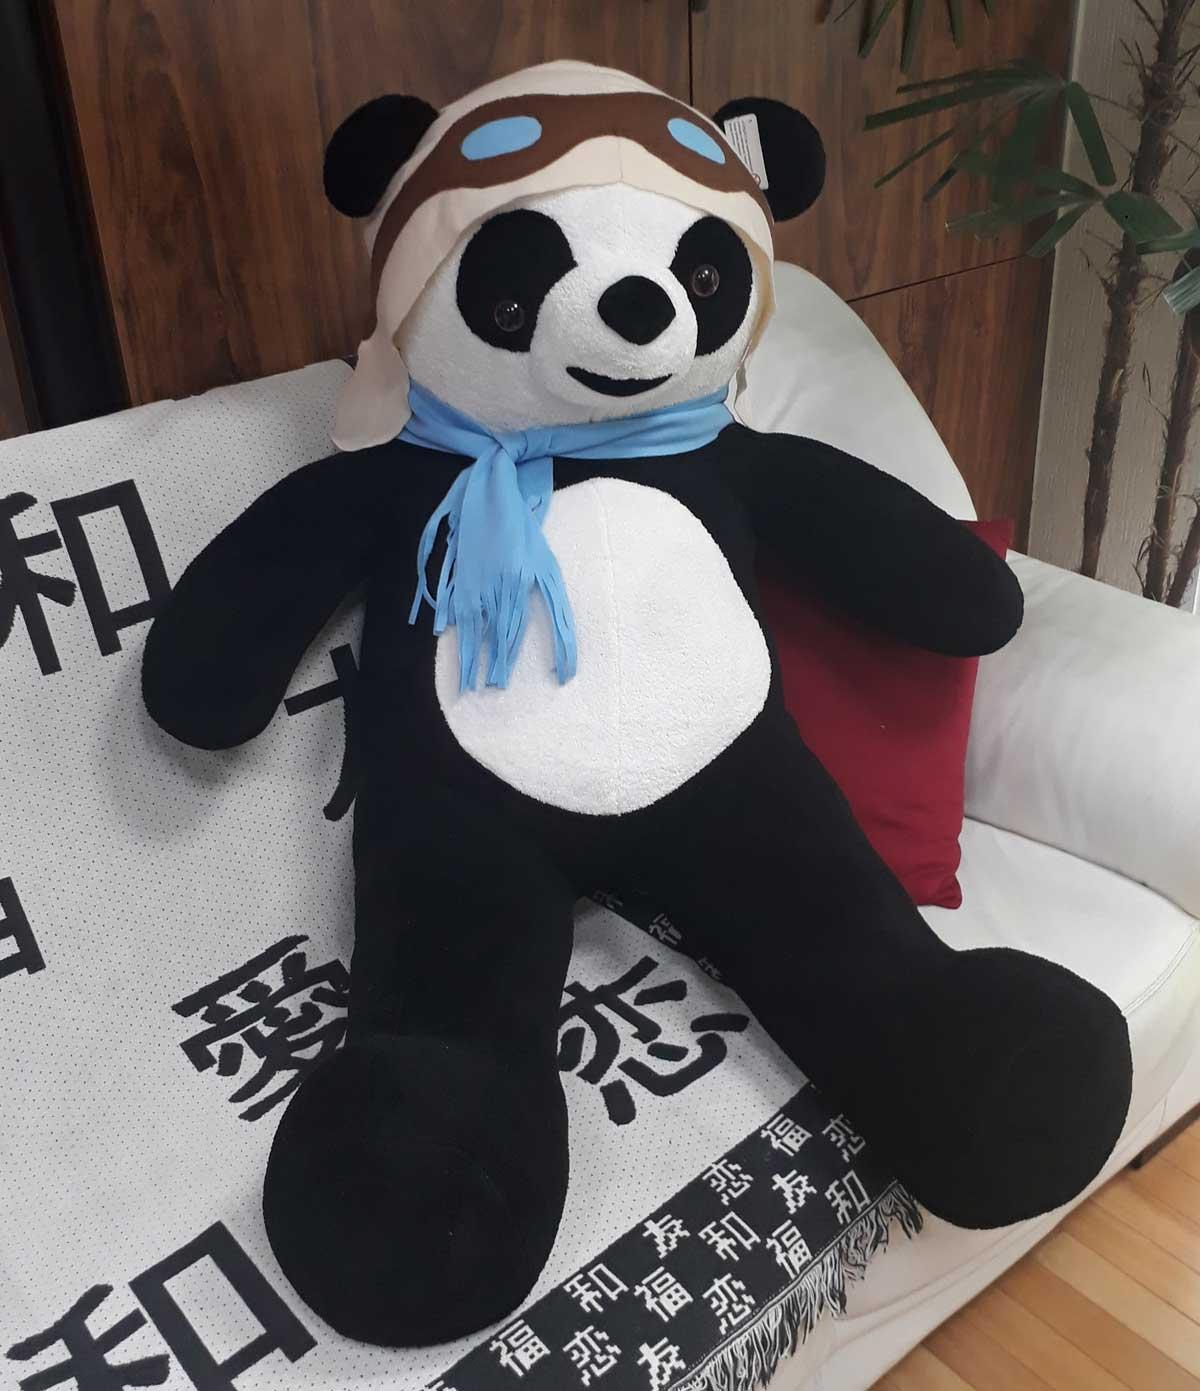 Urso de Pelúcia Aviador Panda Gigante Grande 1,20 metros ou 120cm de altura - Tema para Festas Aniversários Decoração Eventos Decorações Infantil Chá de Bebês